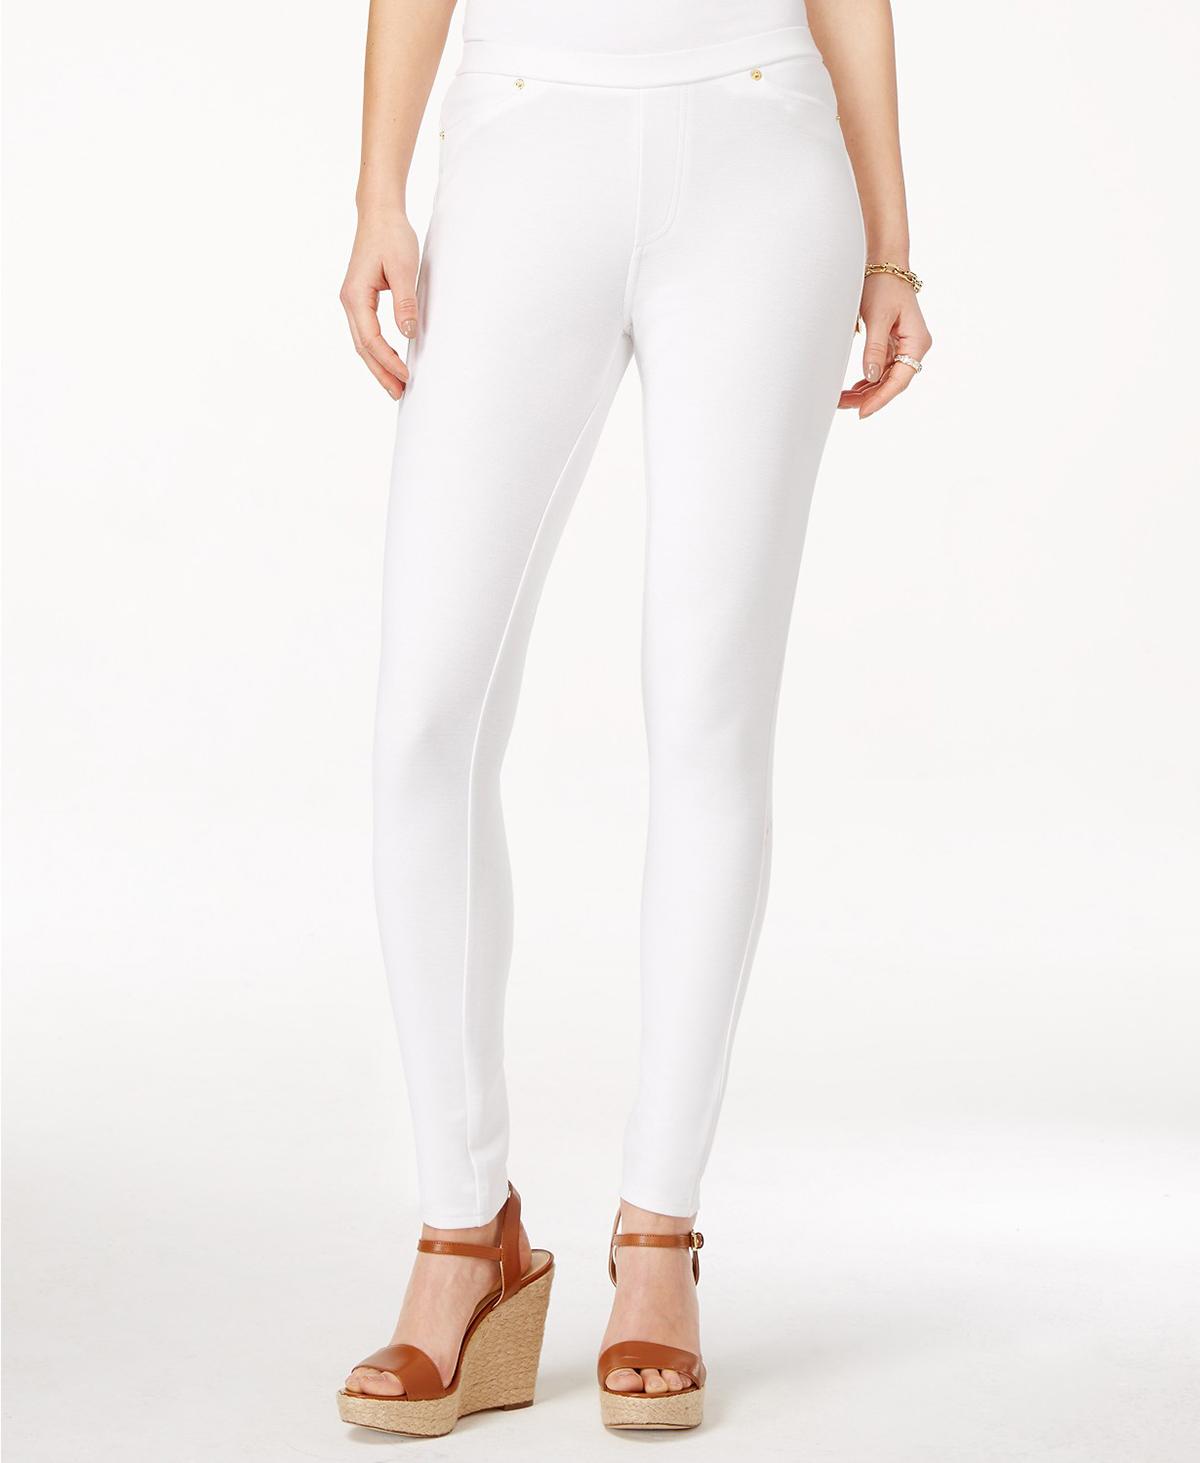 Michael Kors White leggings